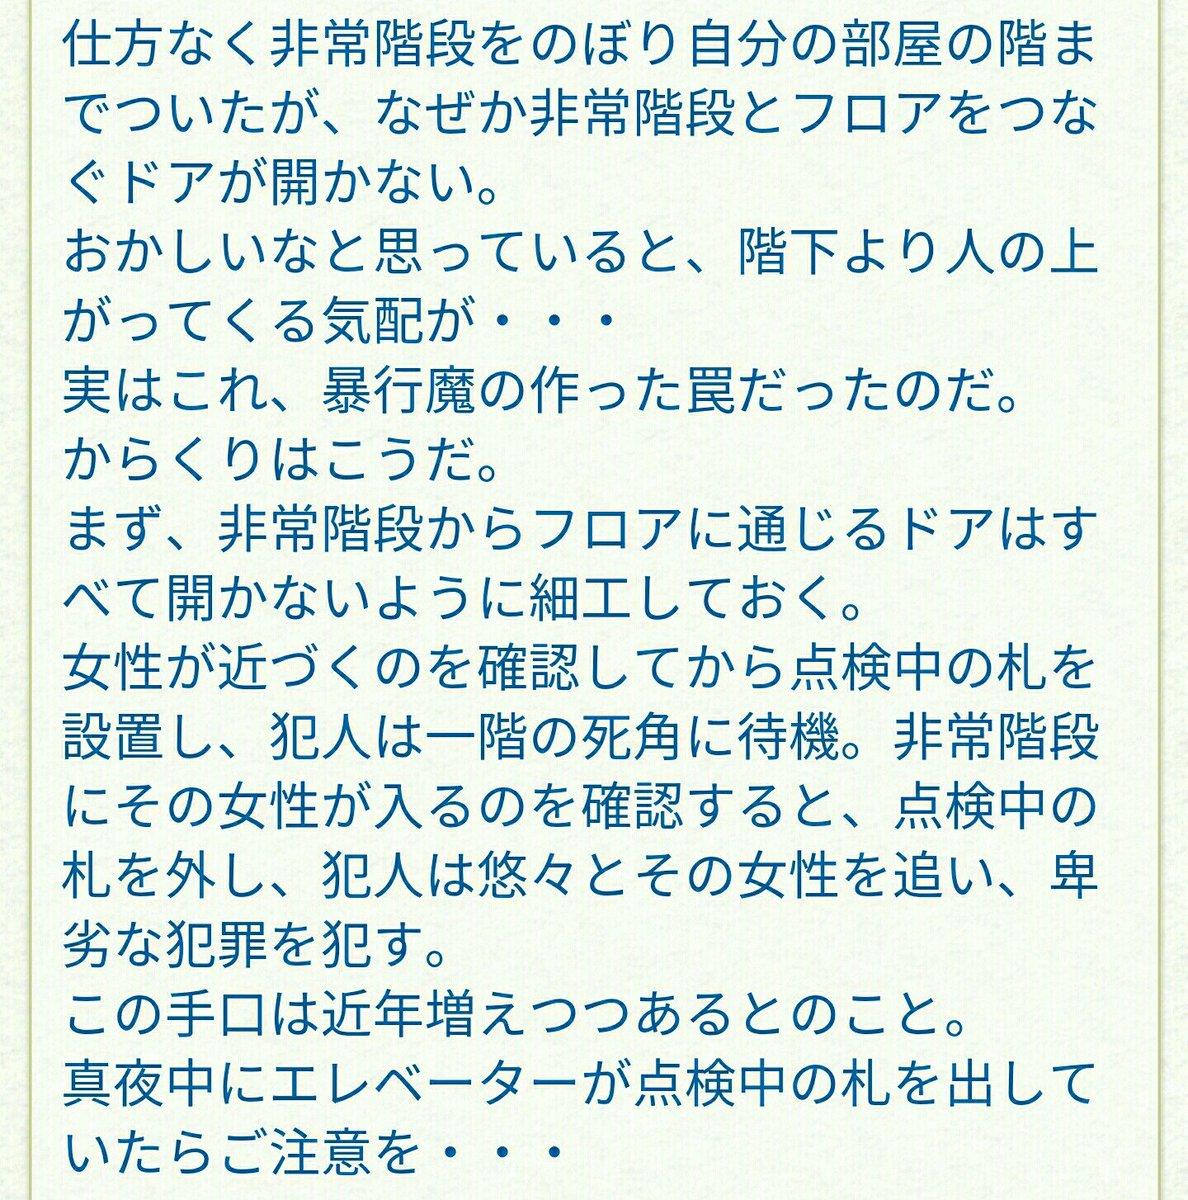 真夜中にエレベーター「点検中」は要注意!暴行魔の手口の可能性あり!!